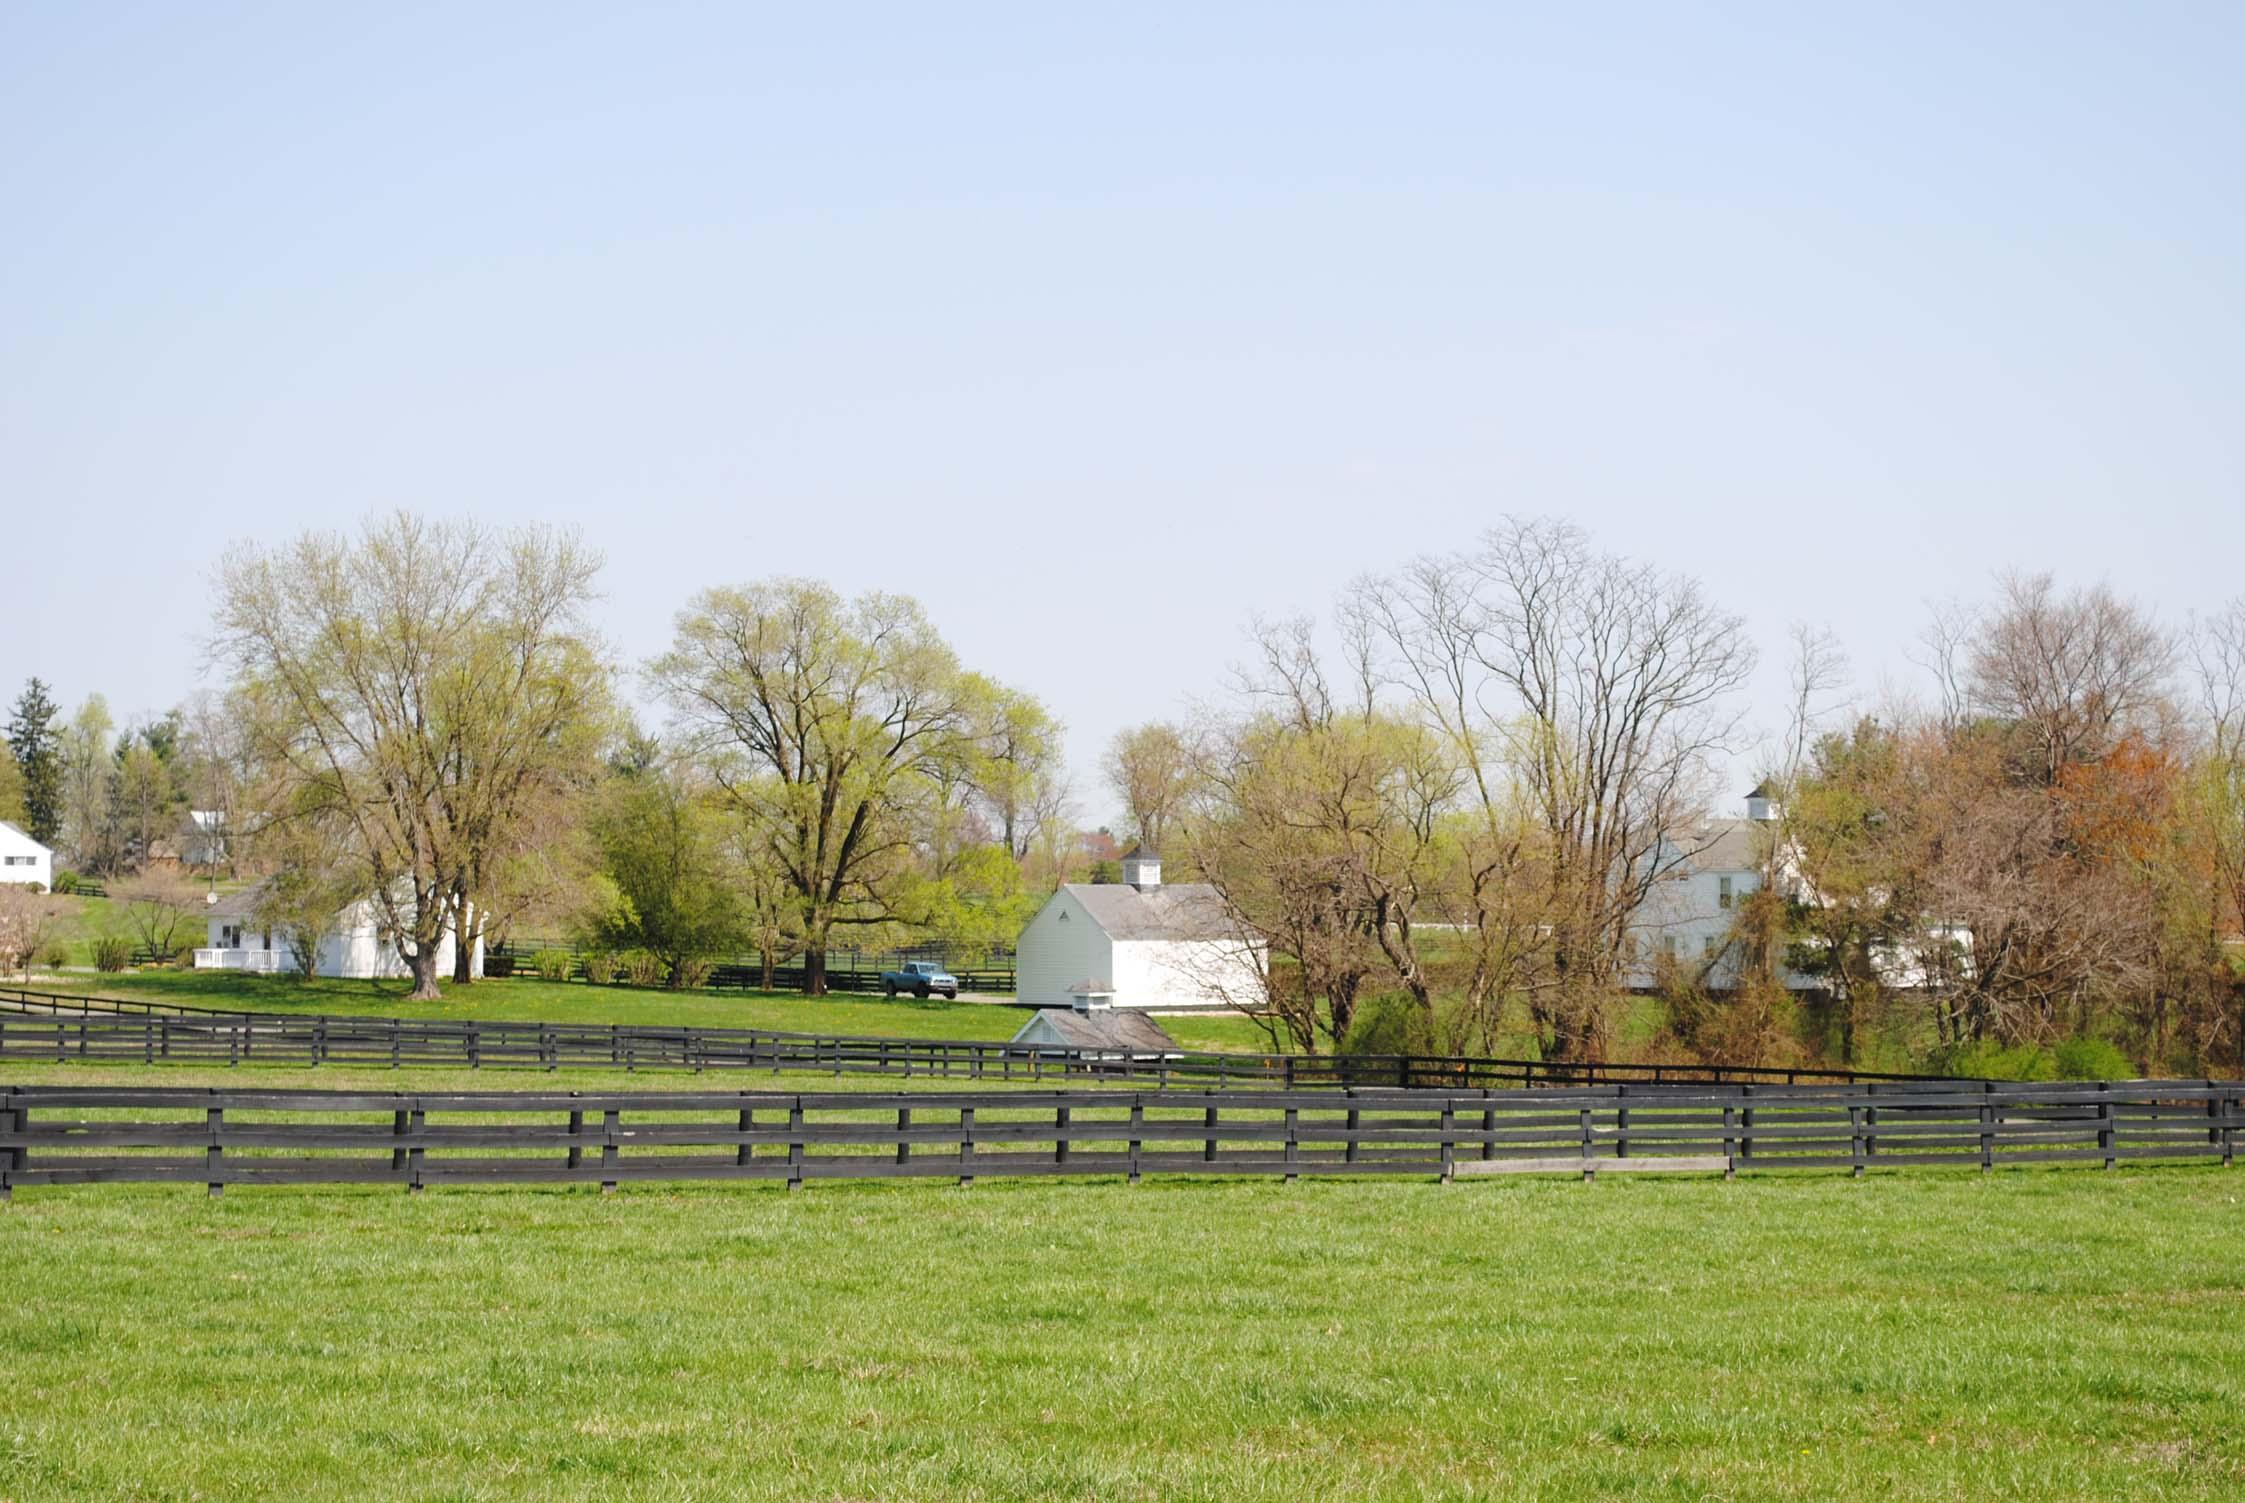 Burrland Farm Historic District